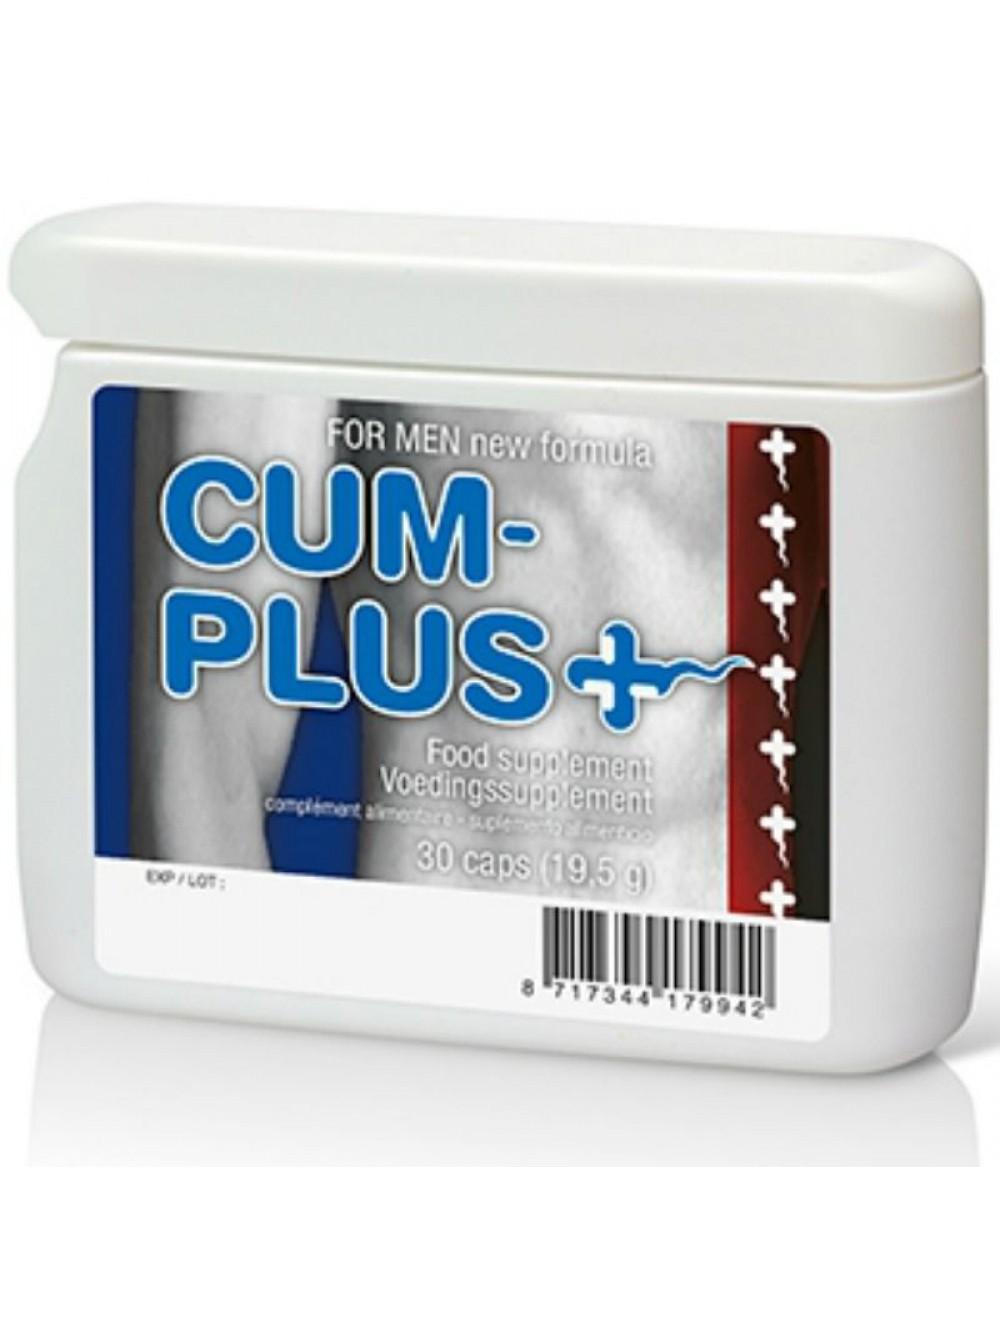 Cum Plus Flatpack